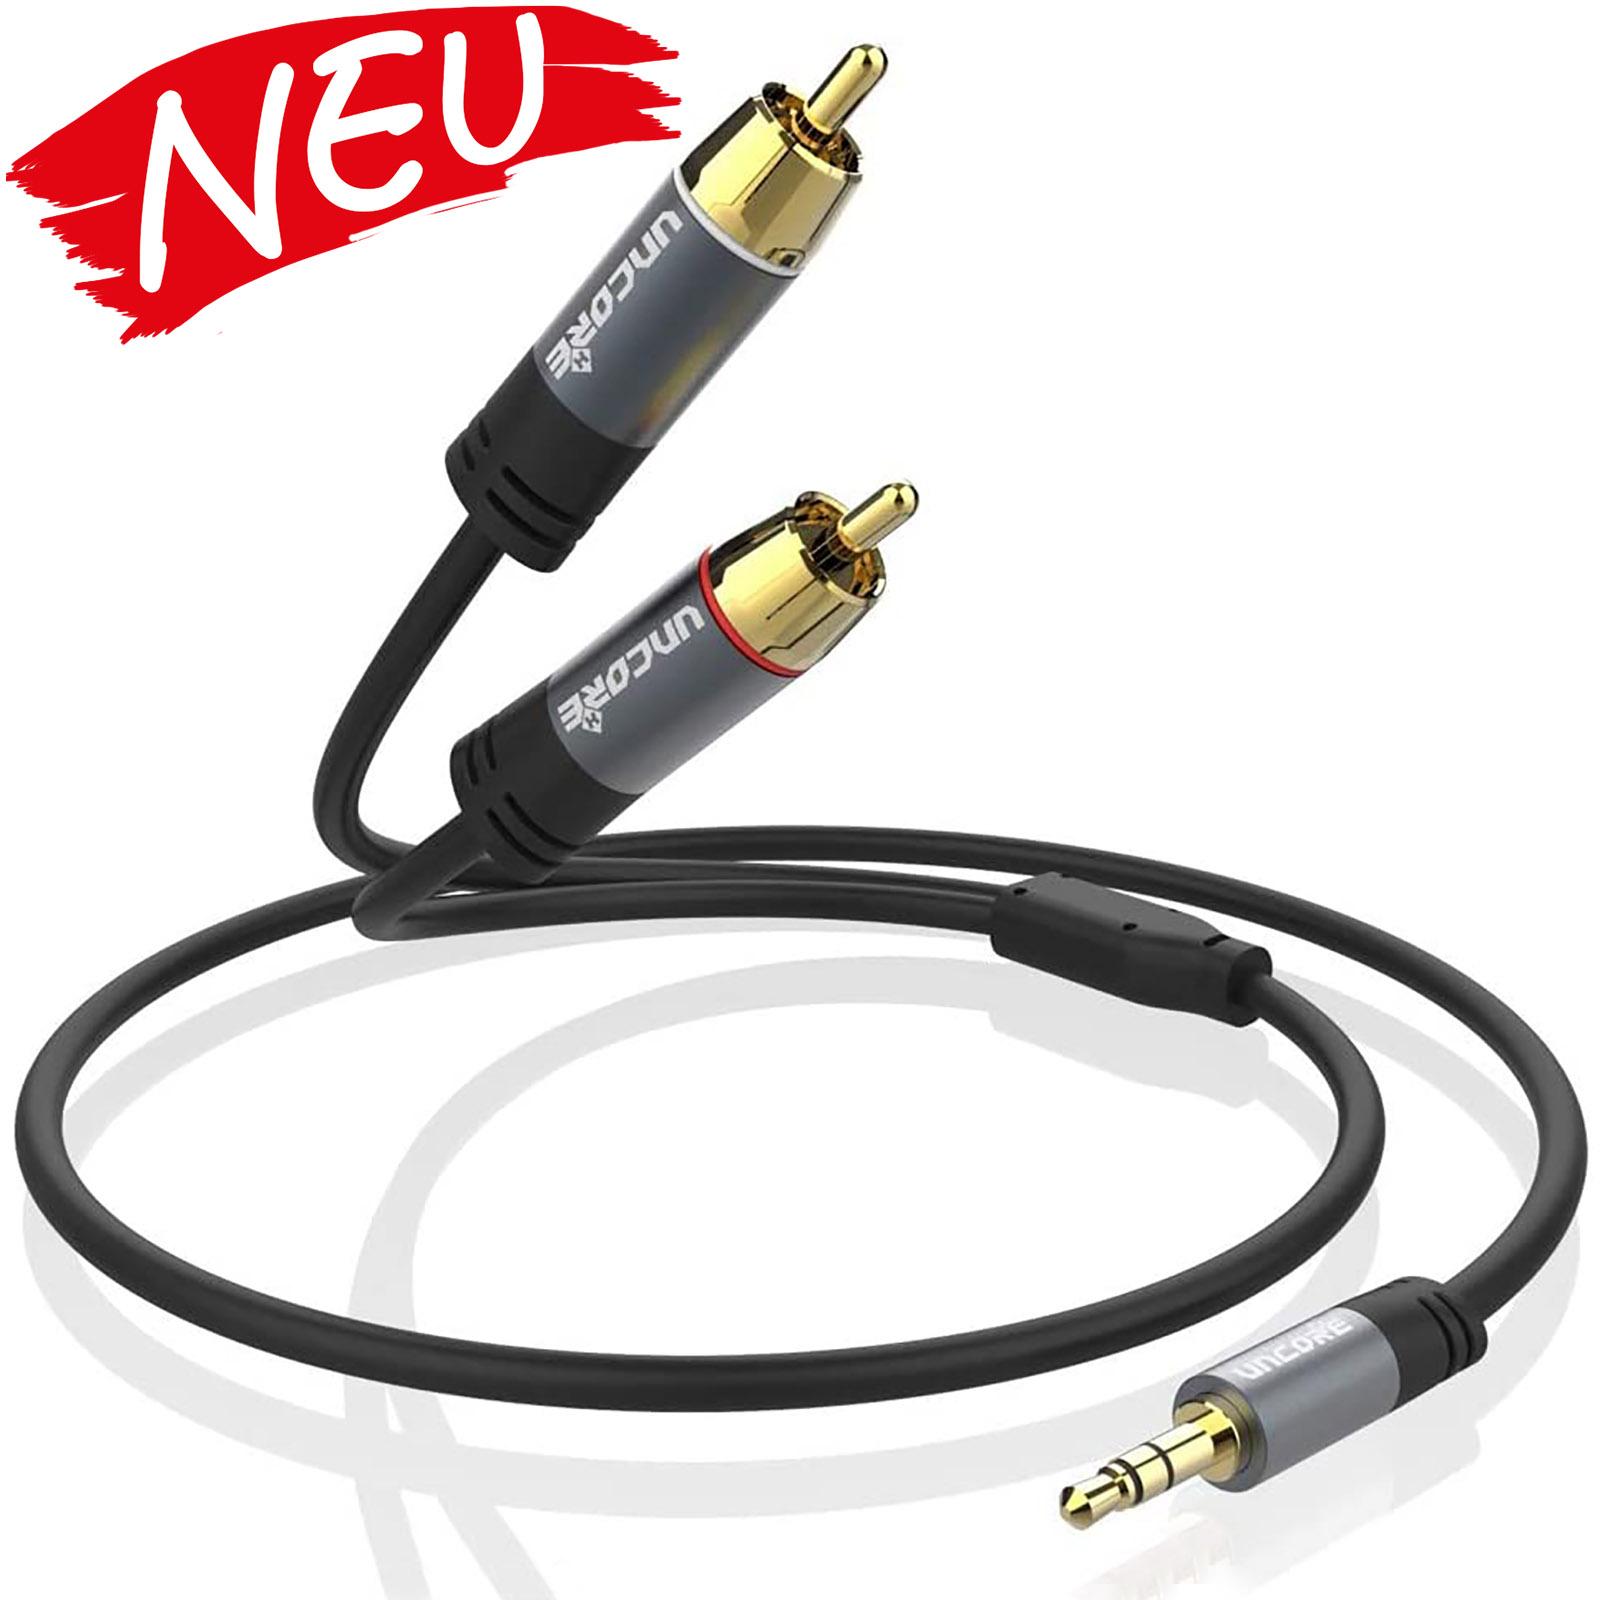 Uncorex  Cinch Kabel 3,5mm Klinke auf 2X RCA Chinch Stecker Y Splitter Cinch auf Klinke Stereo Audio Aux Kabel (24K Vergoldet) - 1M